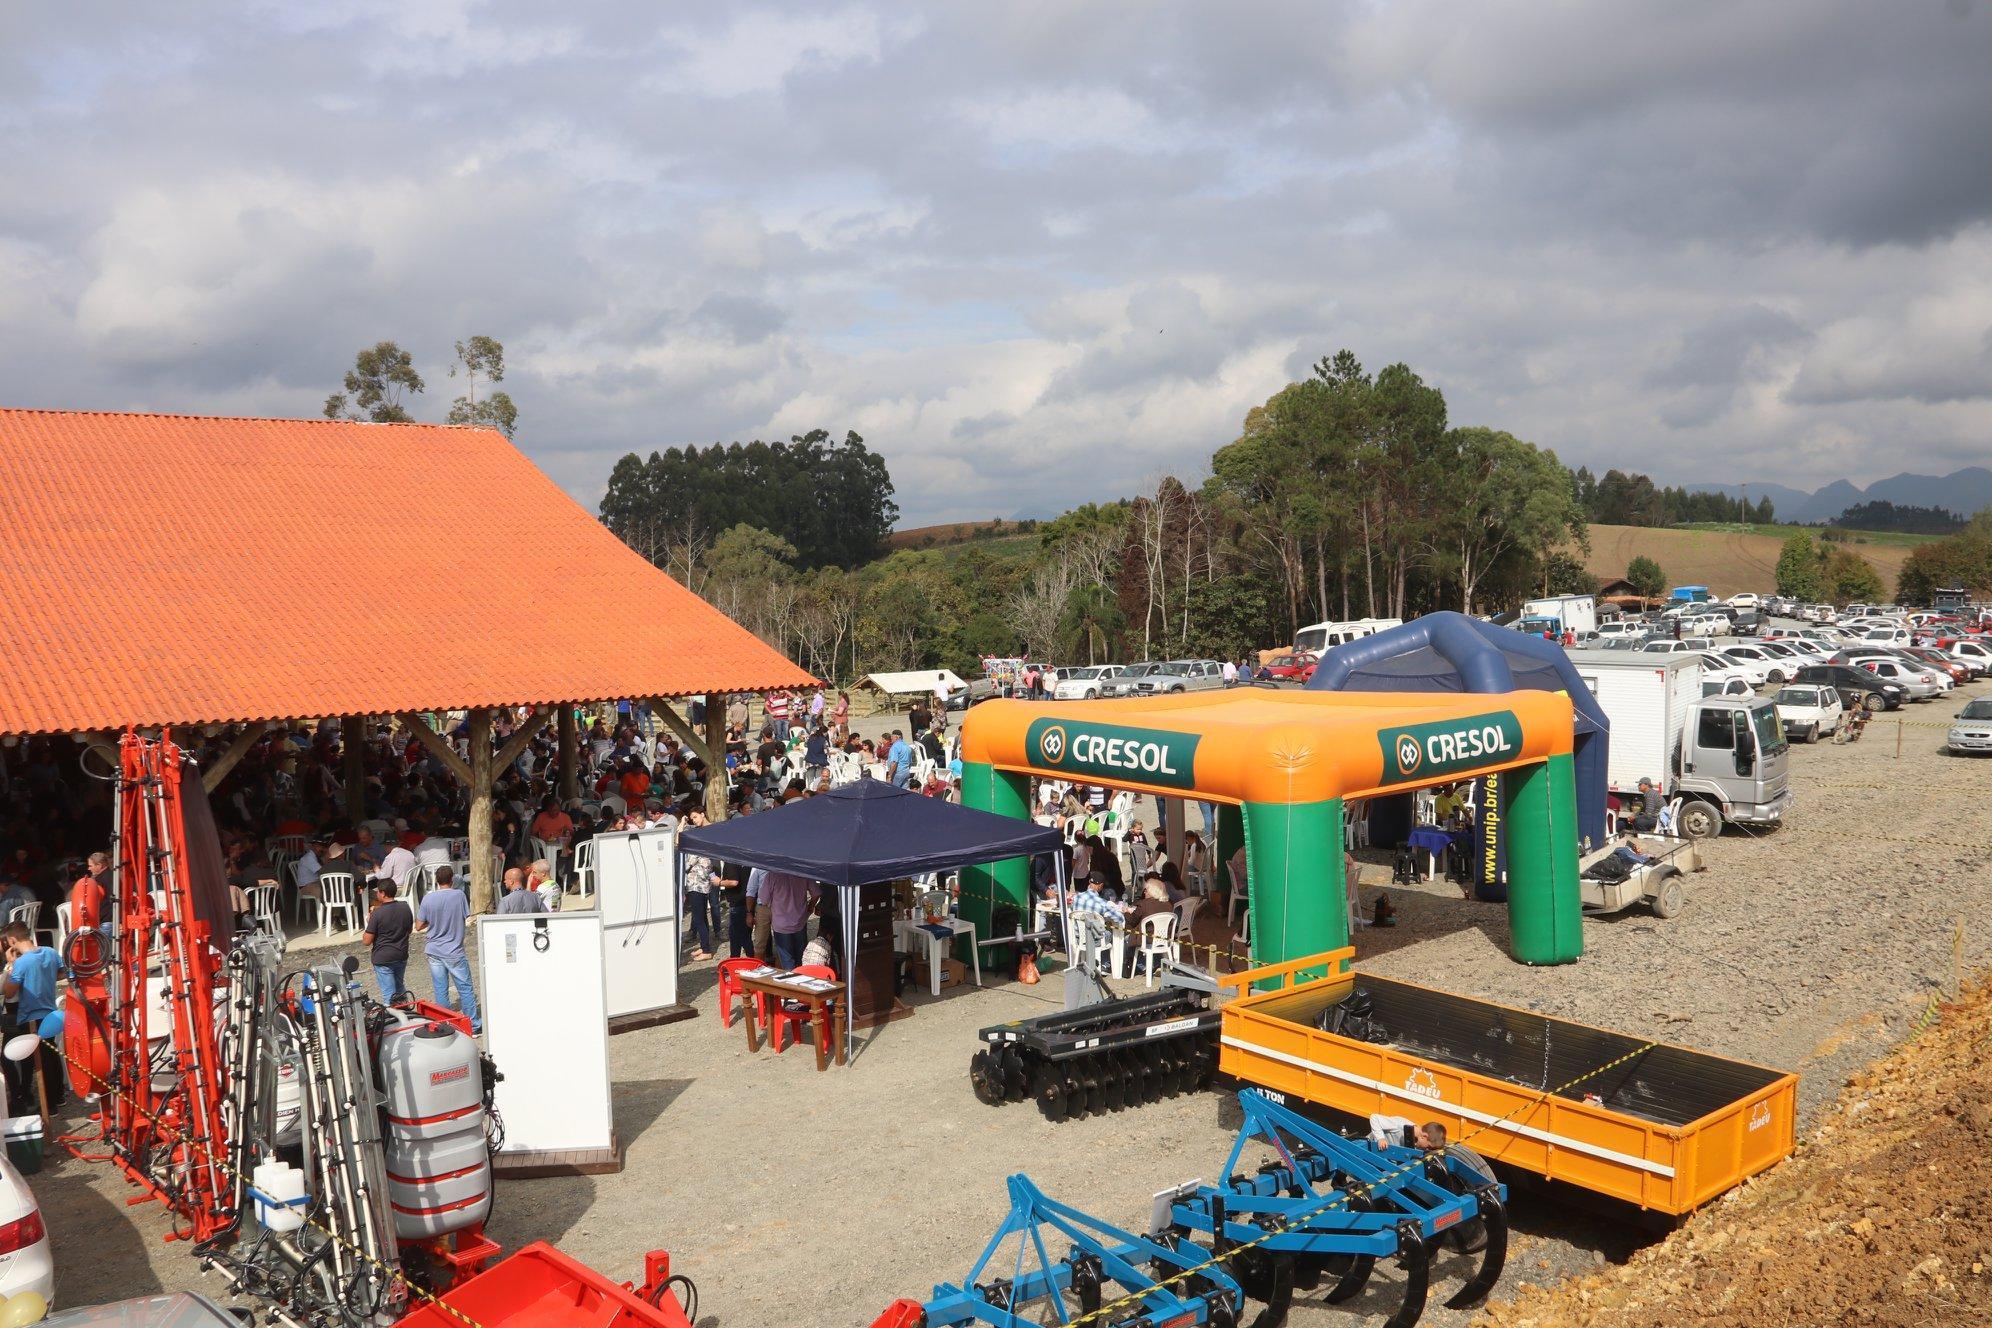 Prefeita de Chapadão do Lageado comemora sucesso da festa do agricultor e inauguração do parque municipal